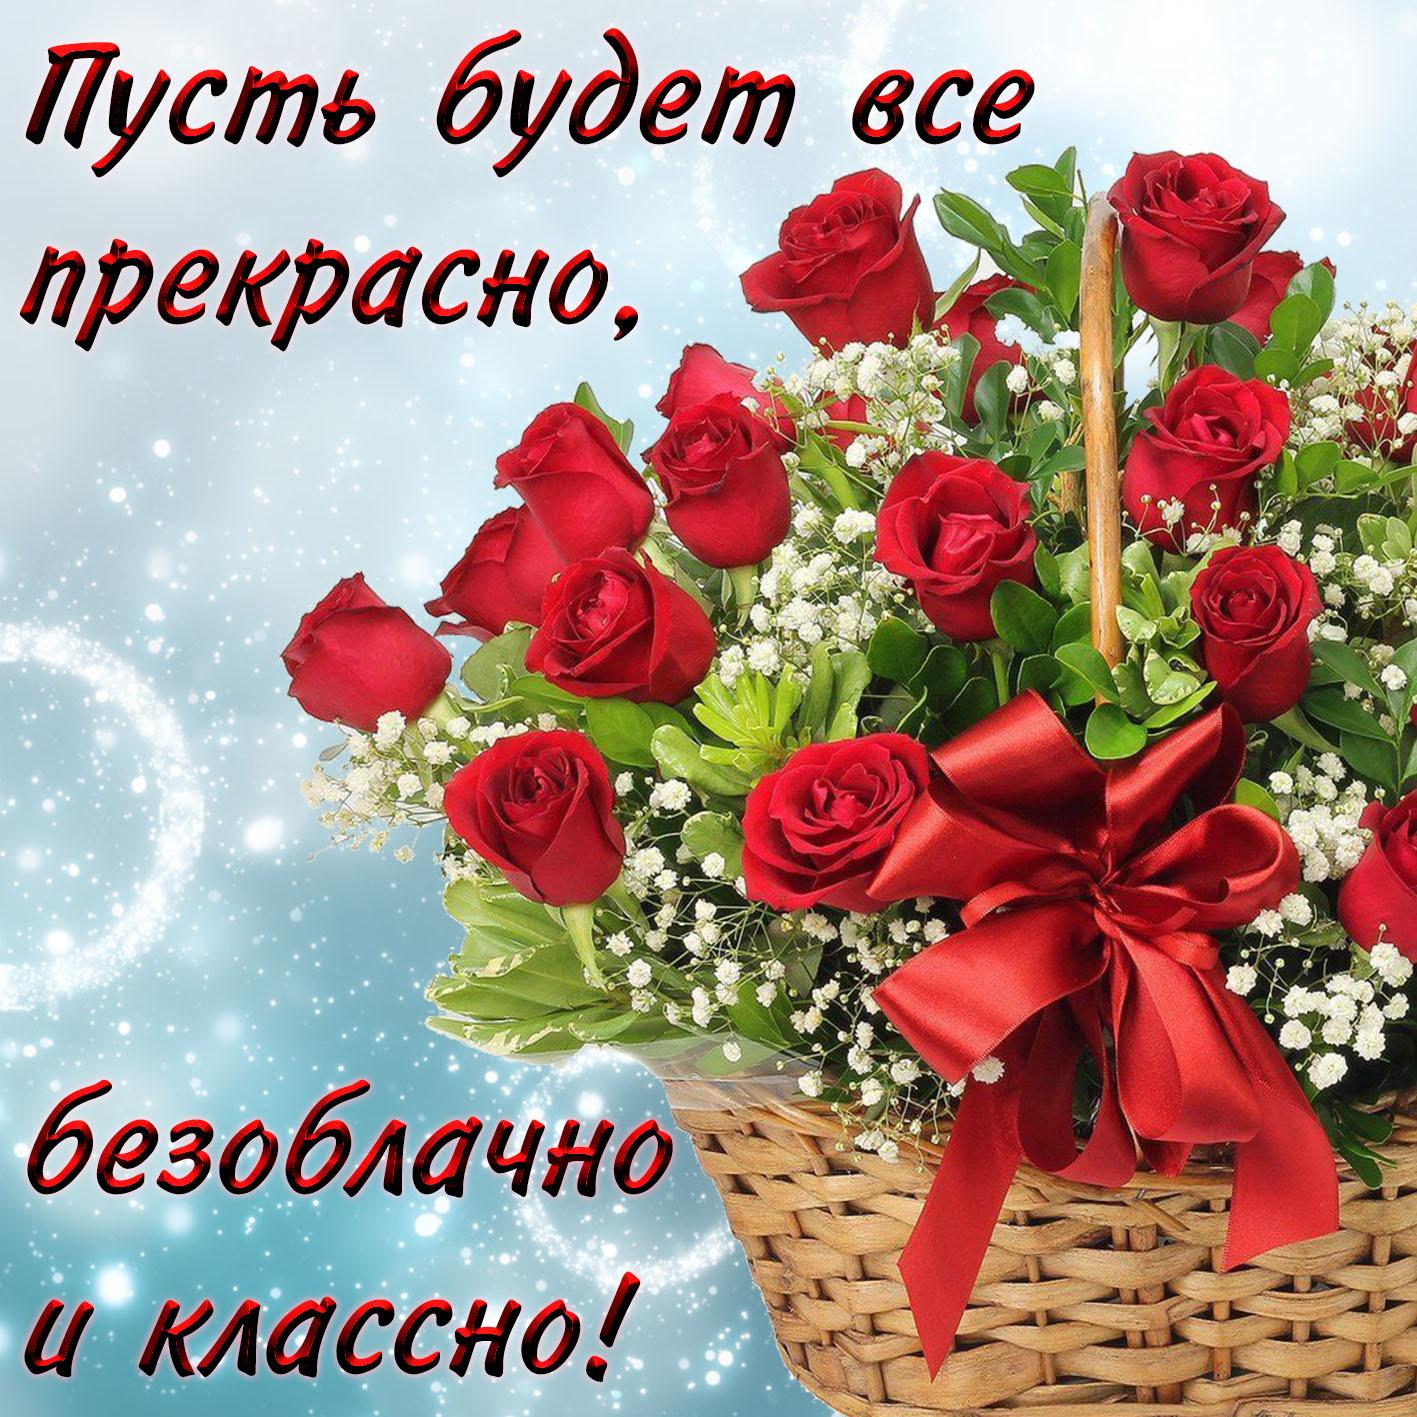 Открытка - букет красных роз и красивое пожелание